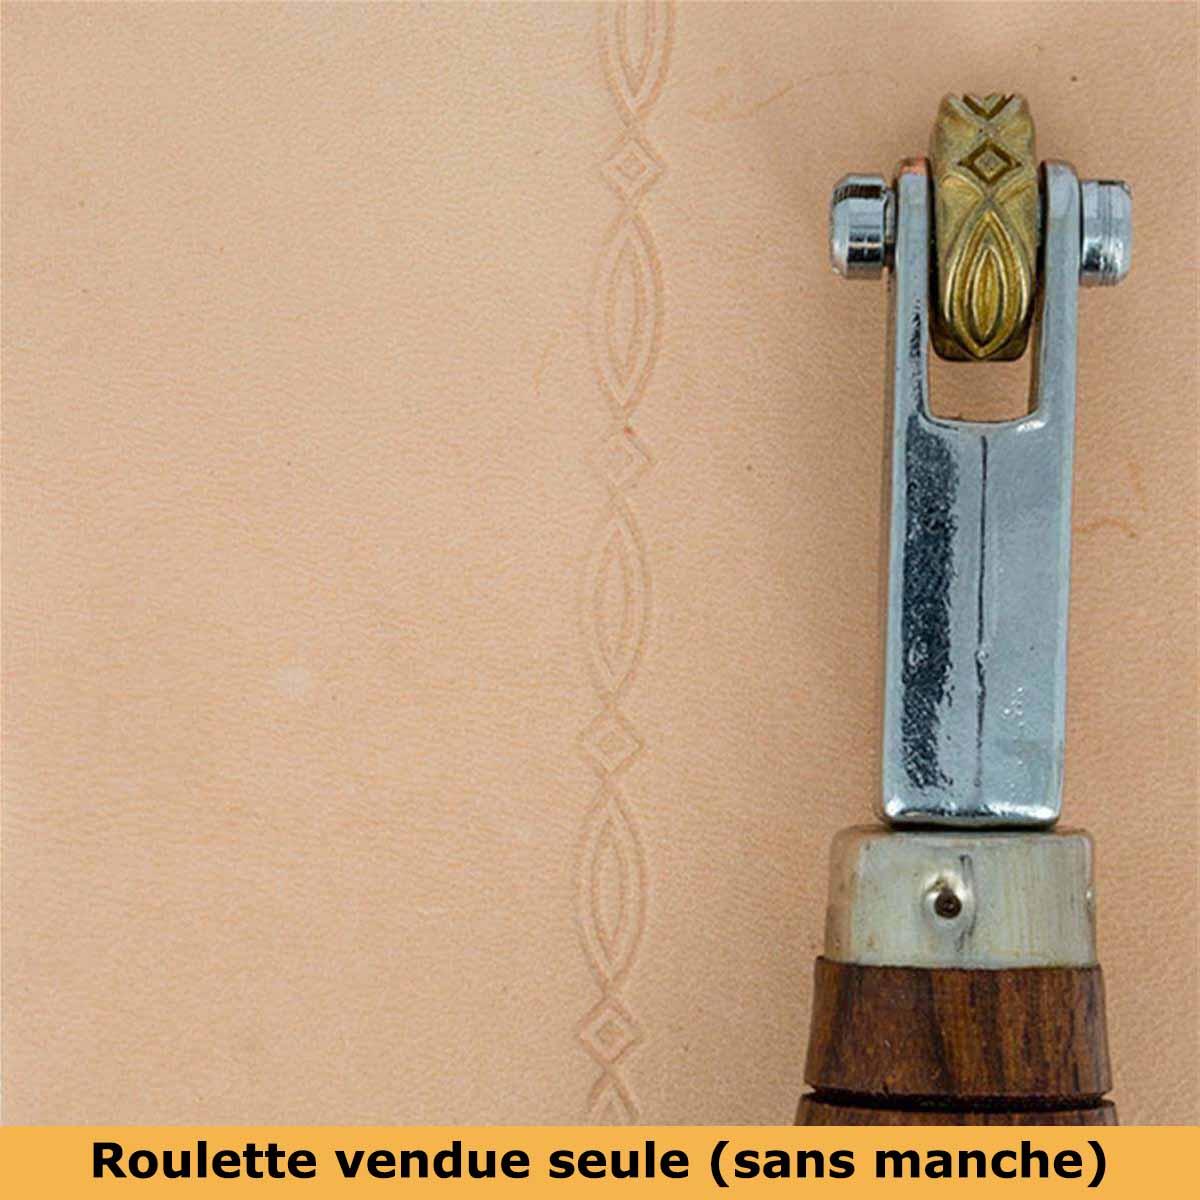 Roulette d'embossage 8091-14 montée sur manche